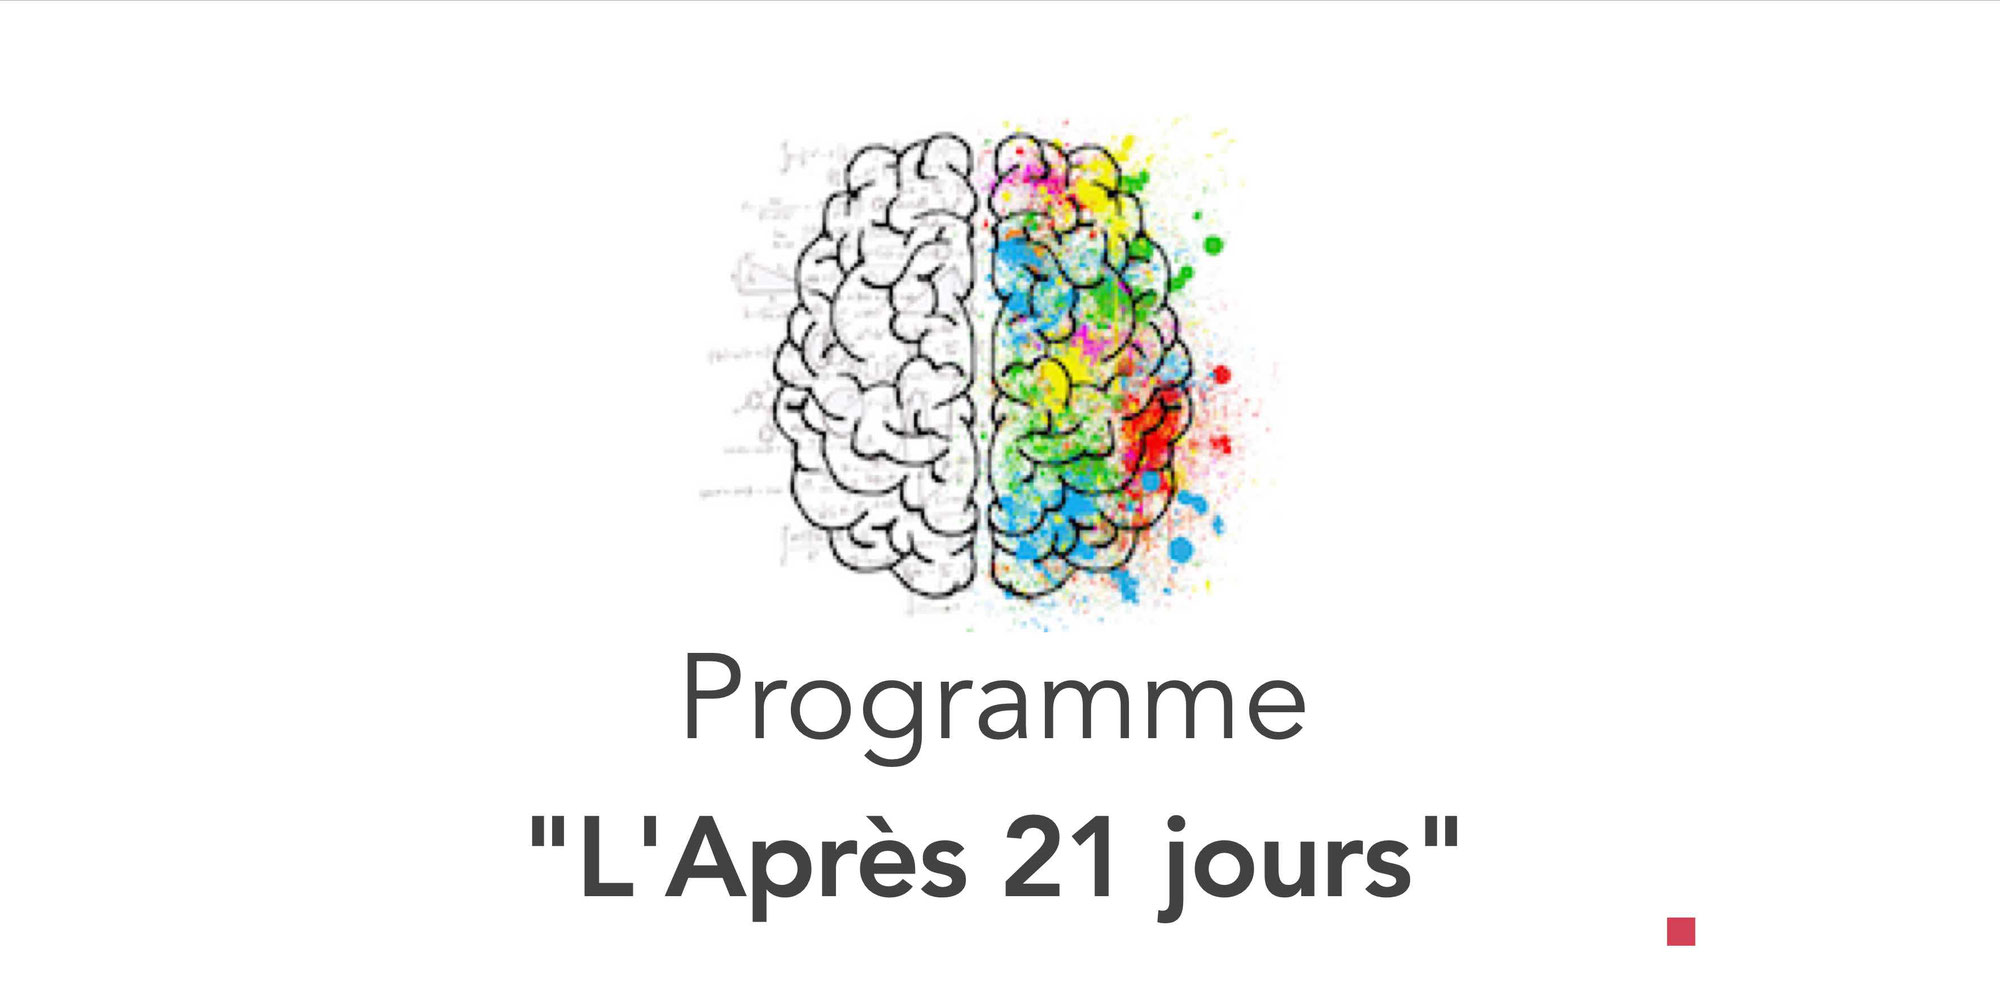 22 Avril - J-19 - Les pensées dysfonctionnelles.